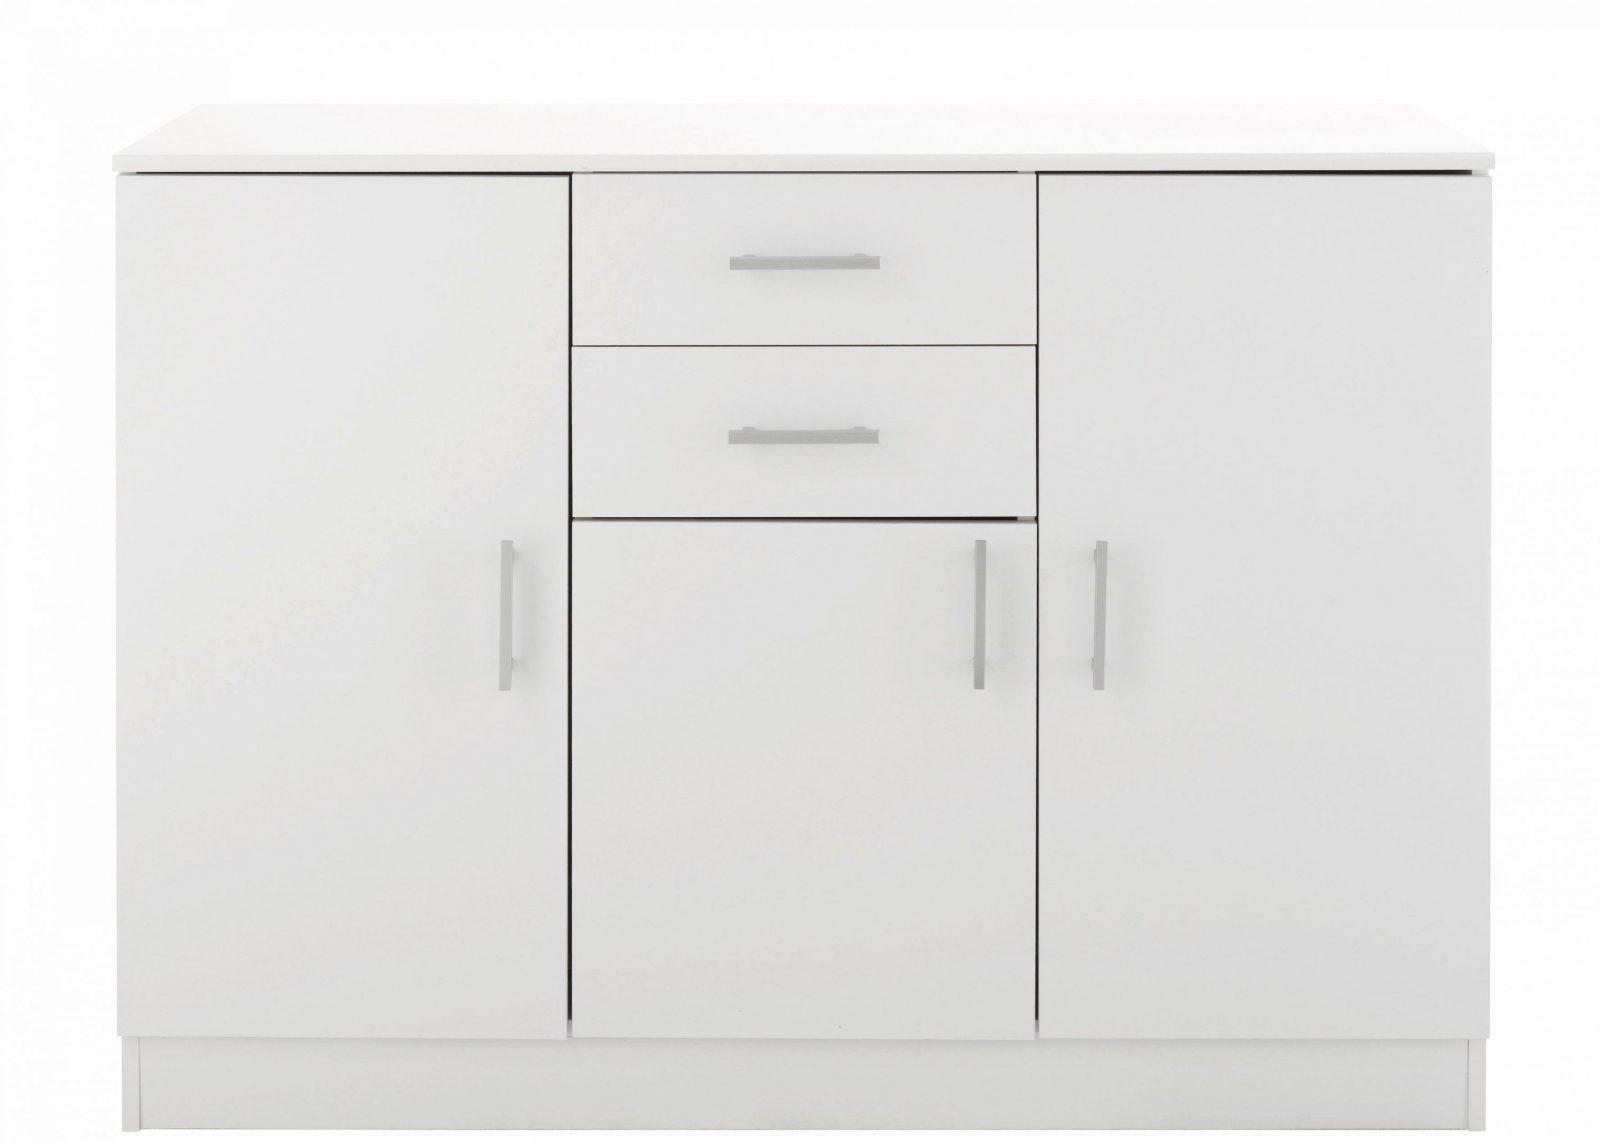 kleiderschrank wei 120 cm breit haus design ideen. Black Bedroom Furniture Sets. Home Design Ideas